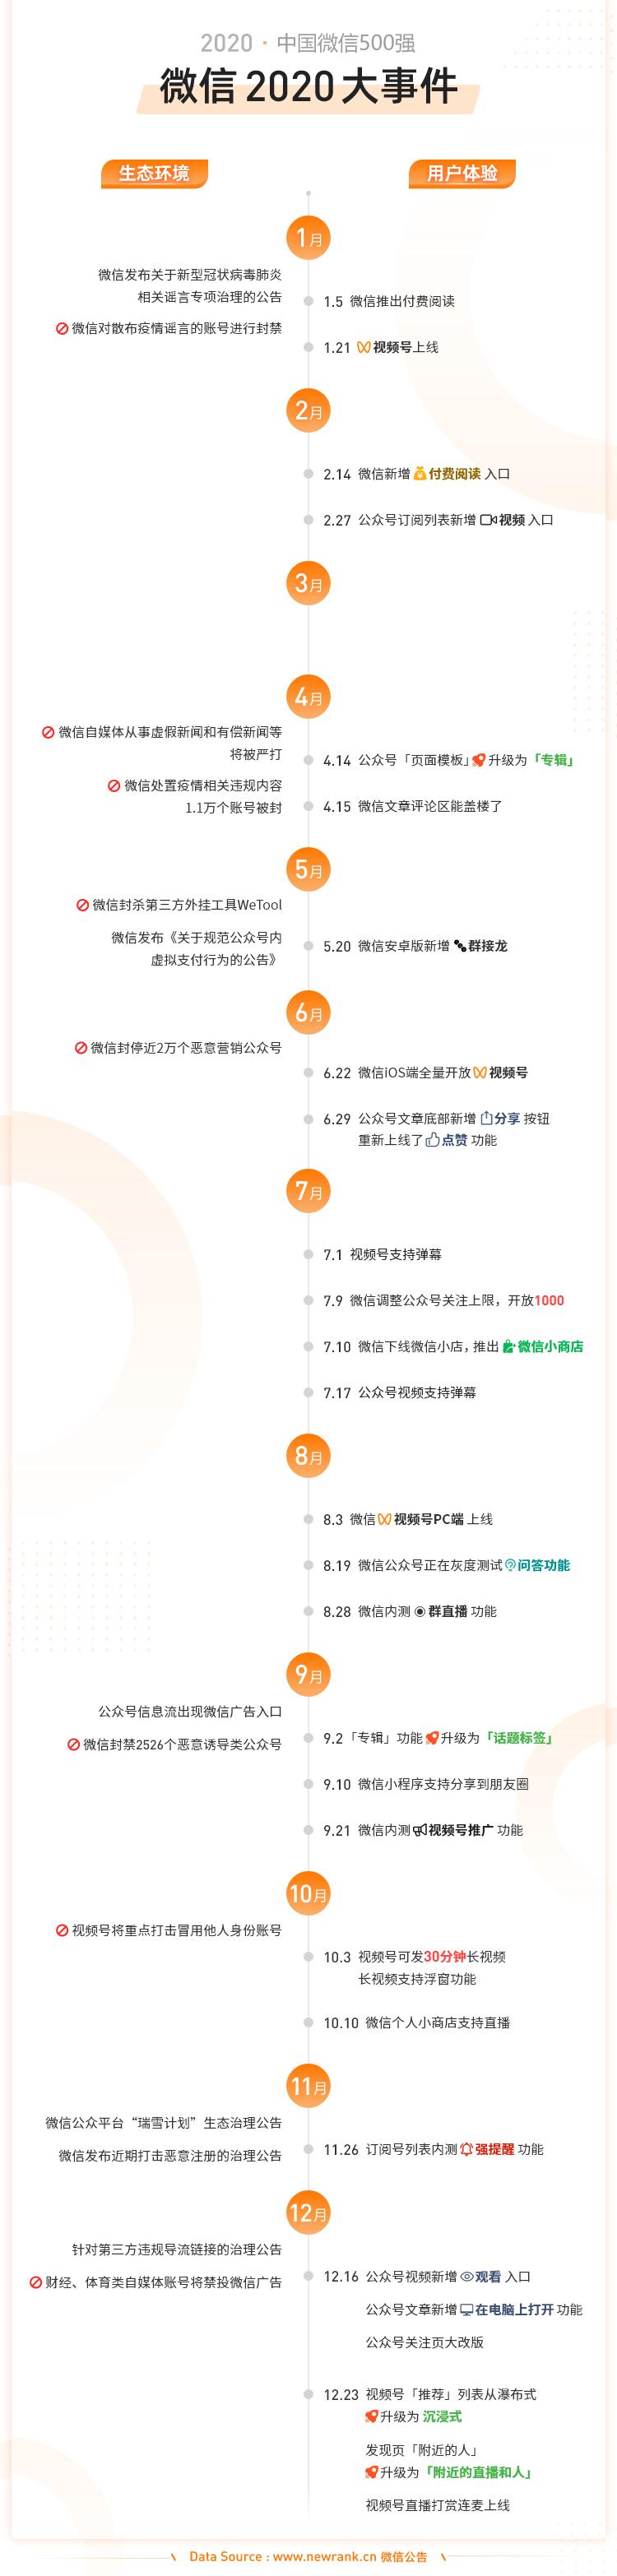 2020中国微信500强年报:公众号谋变,视频号补位插图(23)